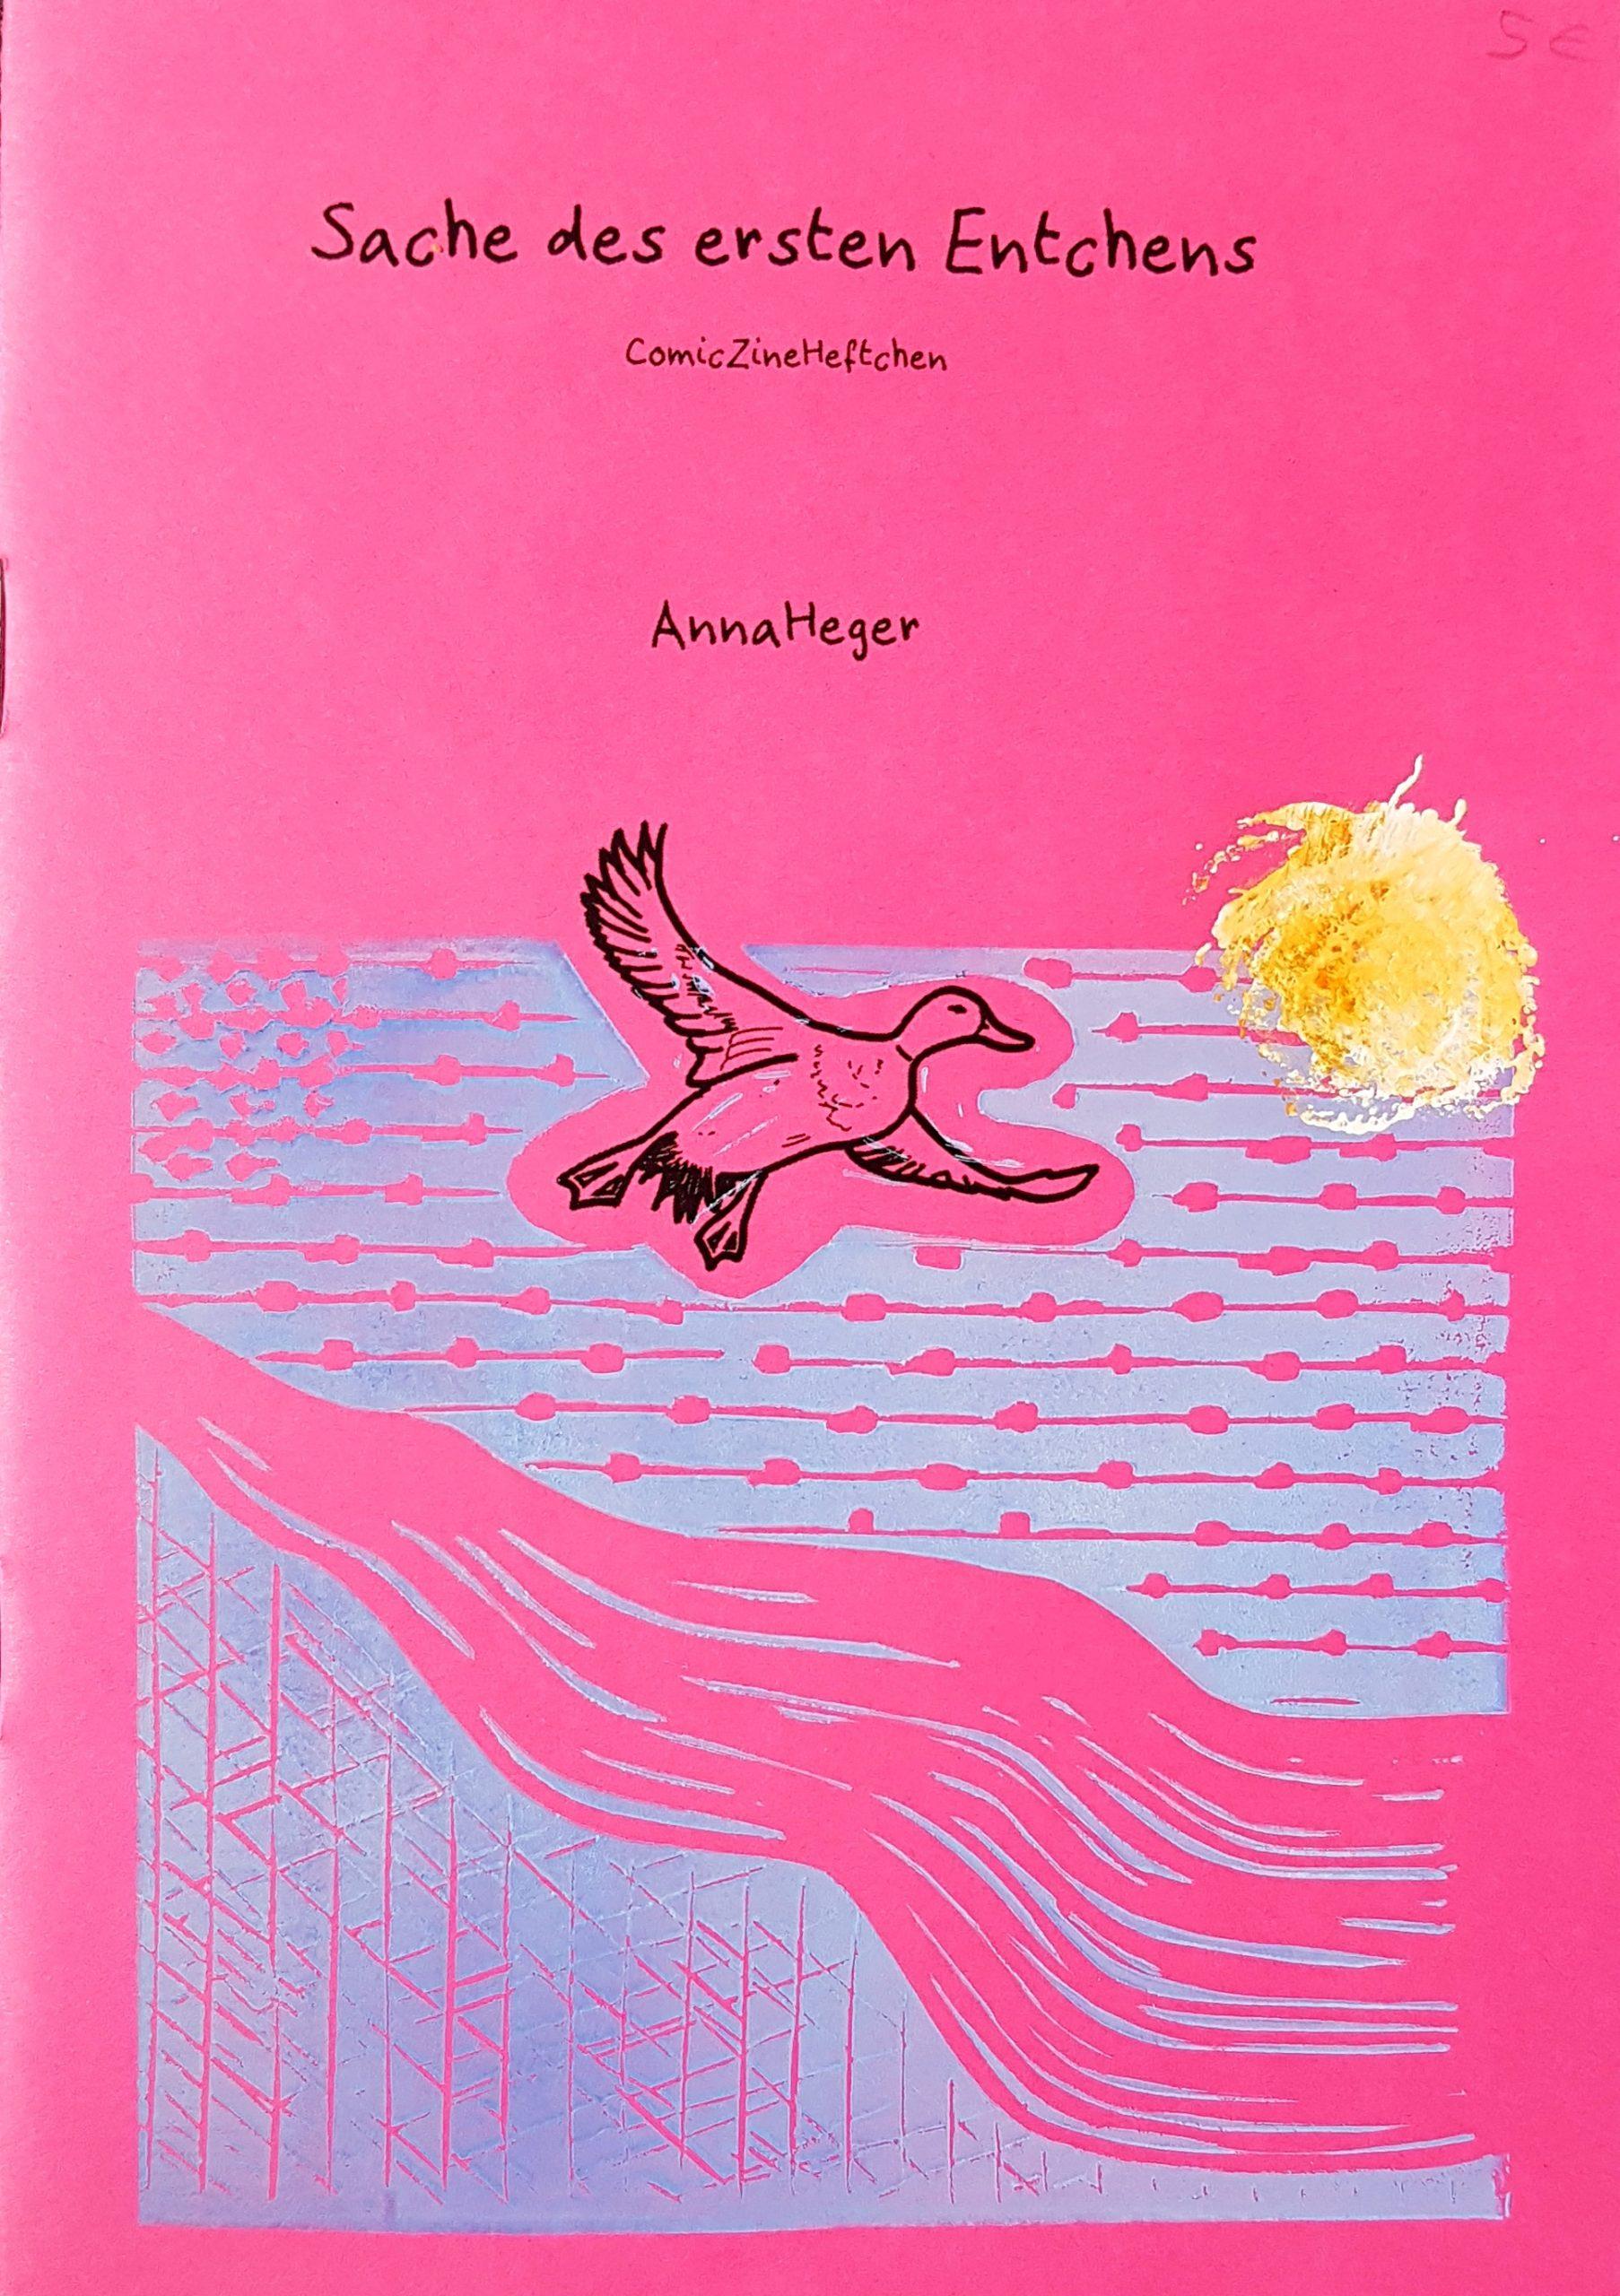 Foto des Zine Covers gedruckt in scharz und Linoldruck auf pinkfarbenem Karton. Unter dem Titel eine Illustration einer Fliegenden Ente, einem stilisierten Fluss und einer gelben Sonne.